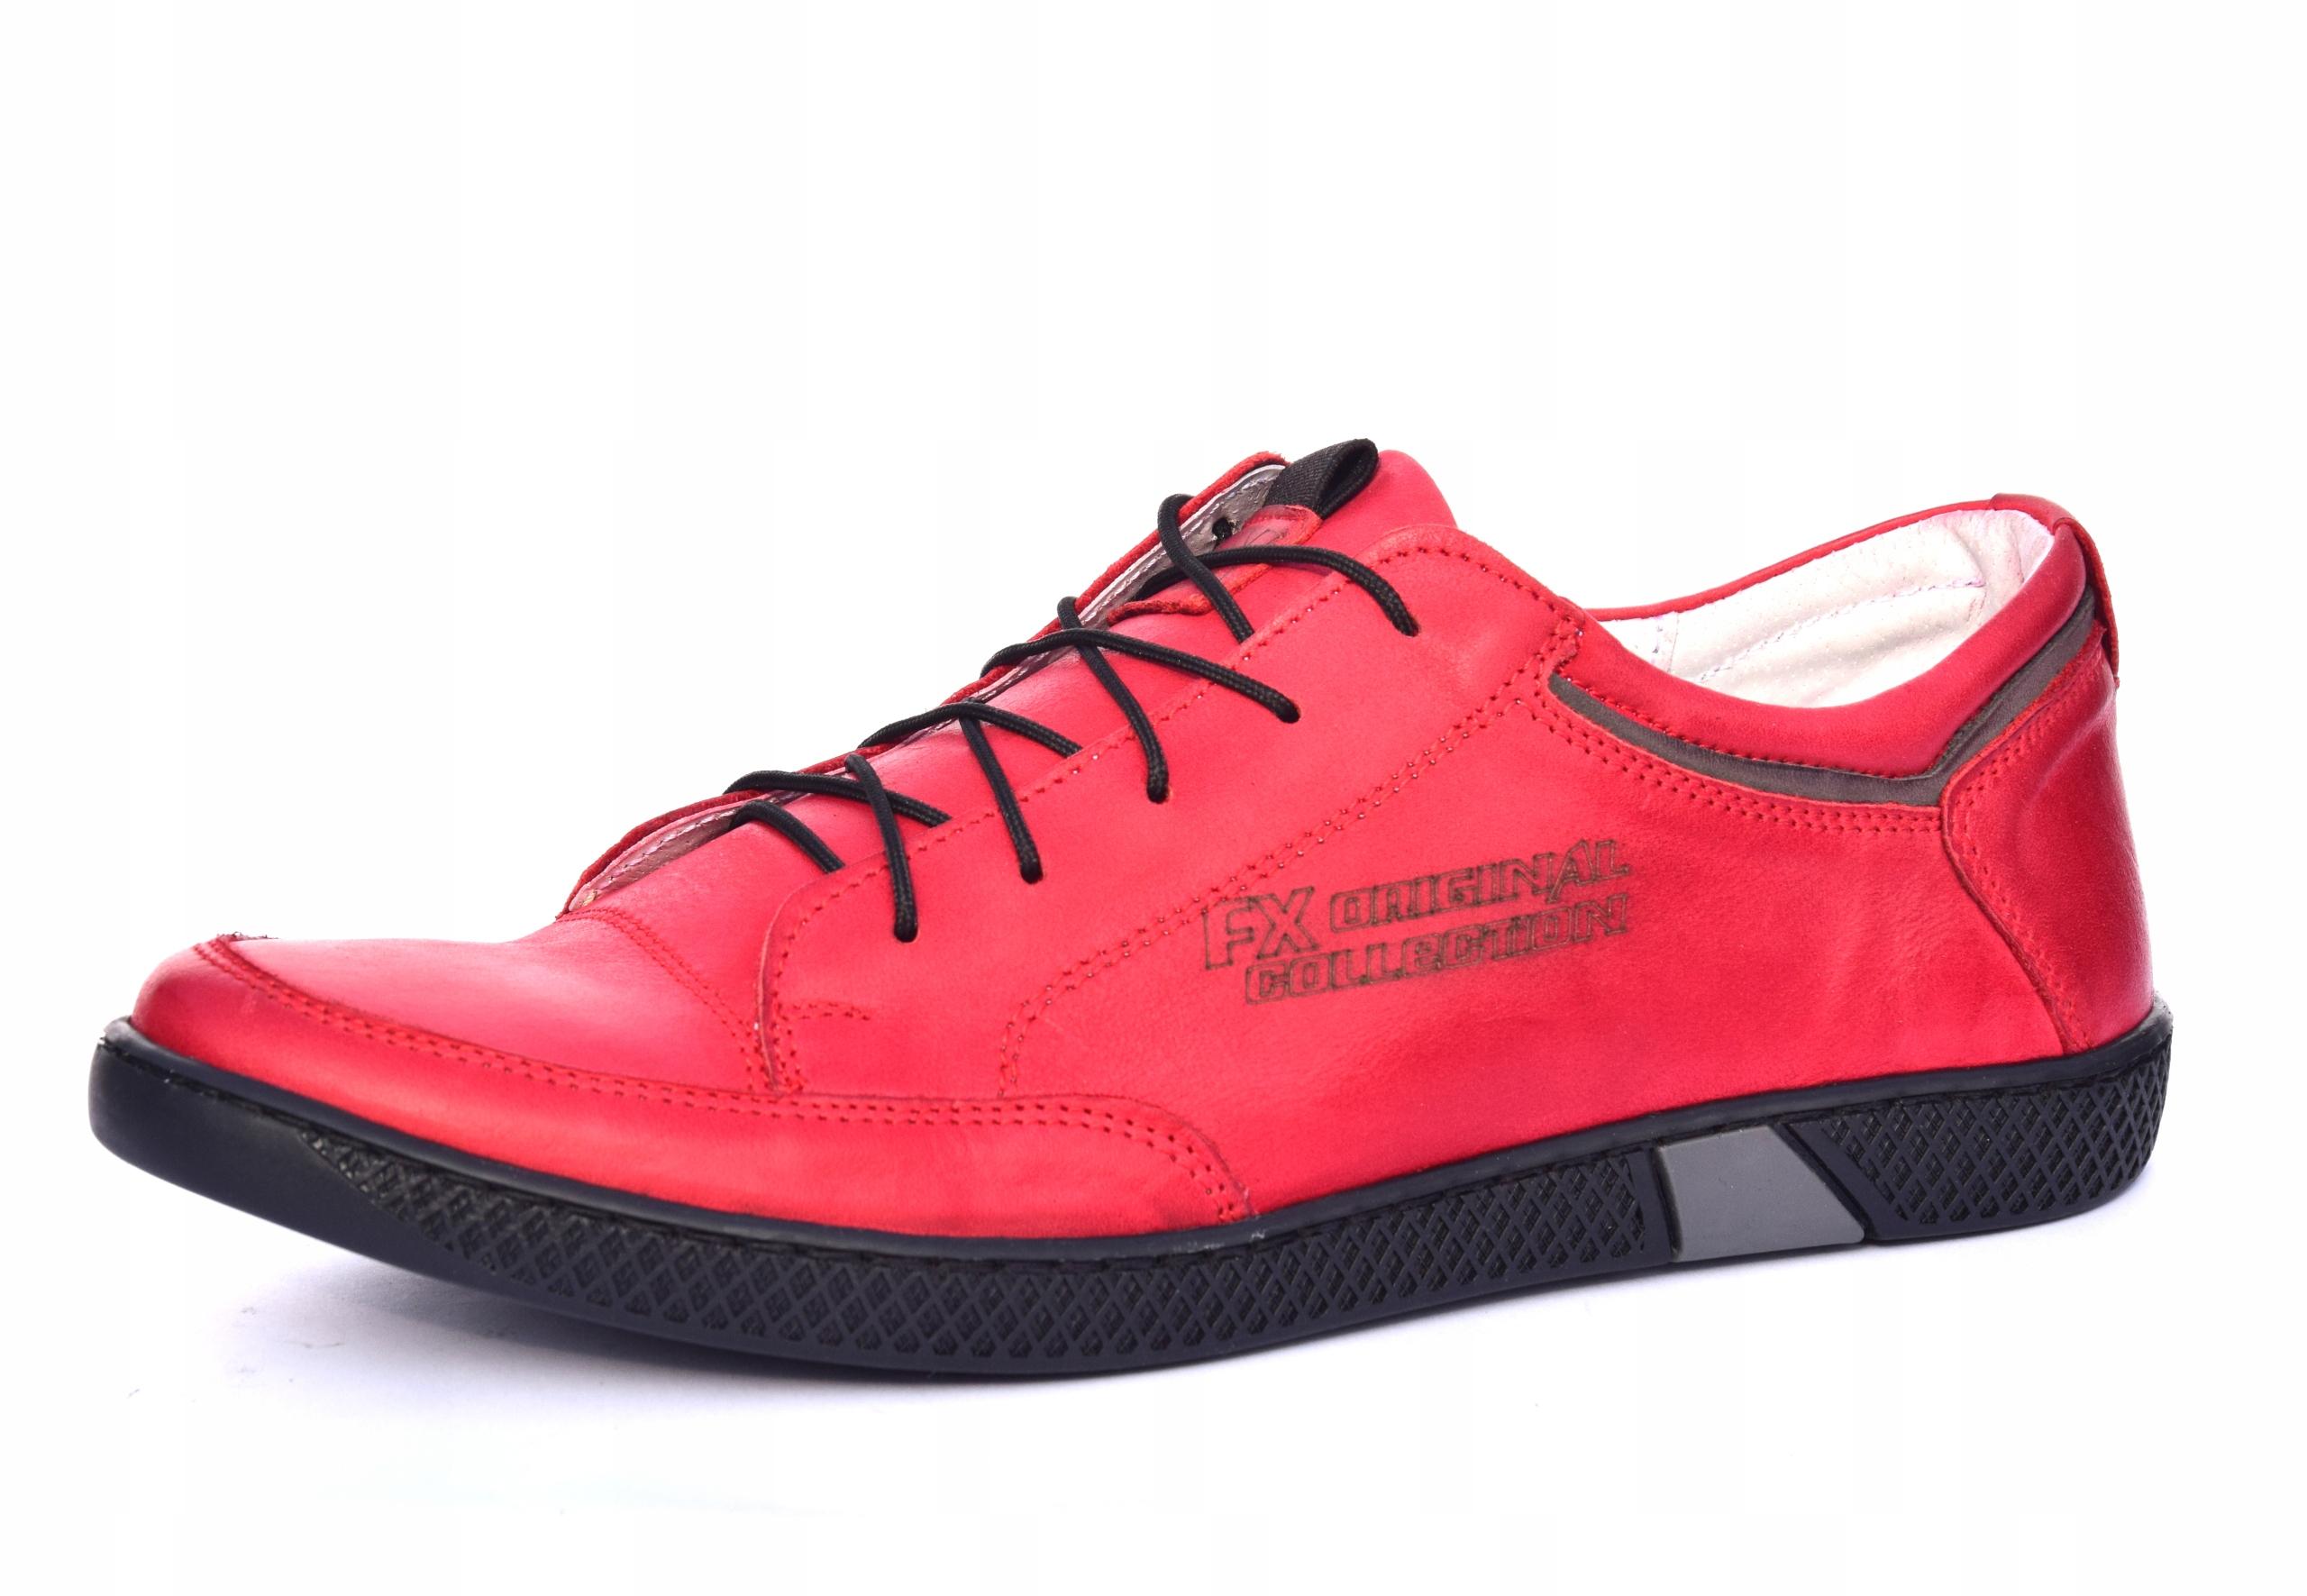 Skórzane czerwone sznurowane półbuty czerwone 0447